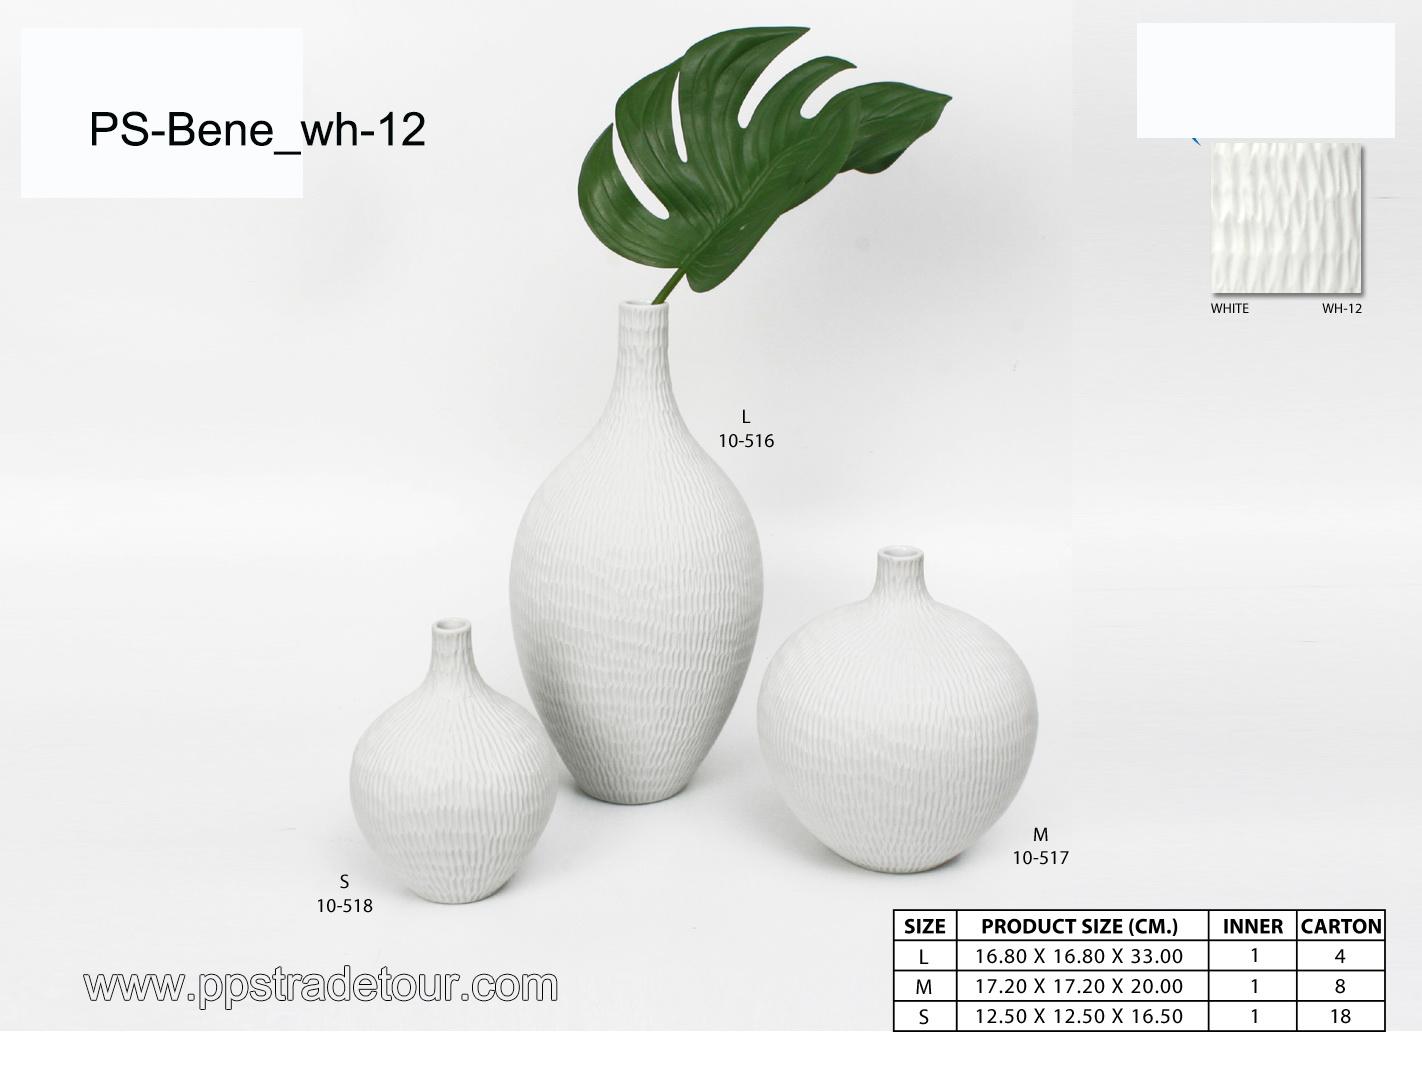 PSCV-Bene_wh-12